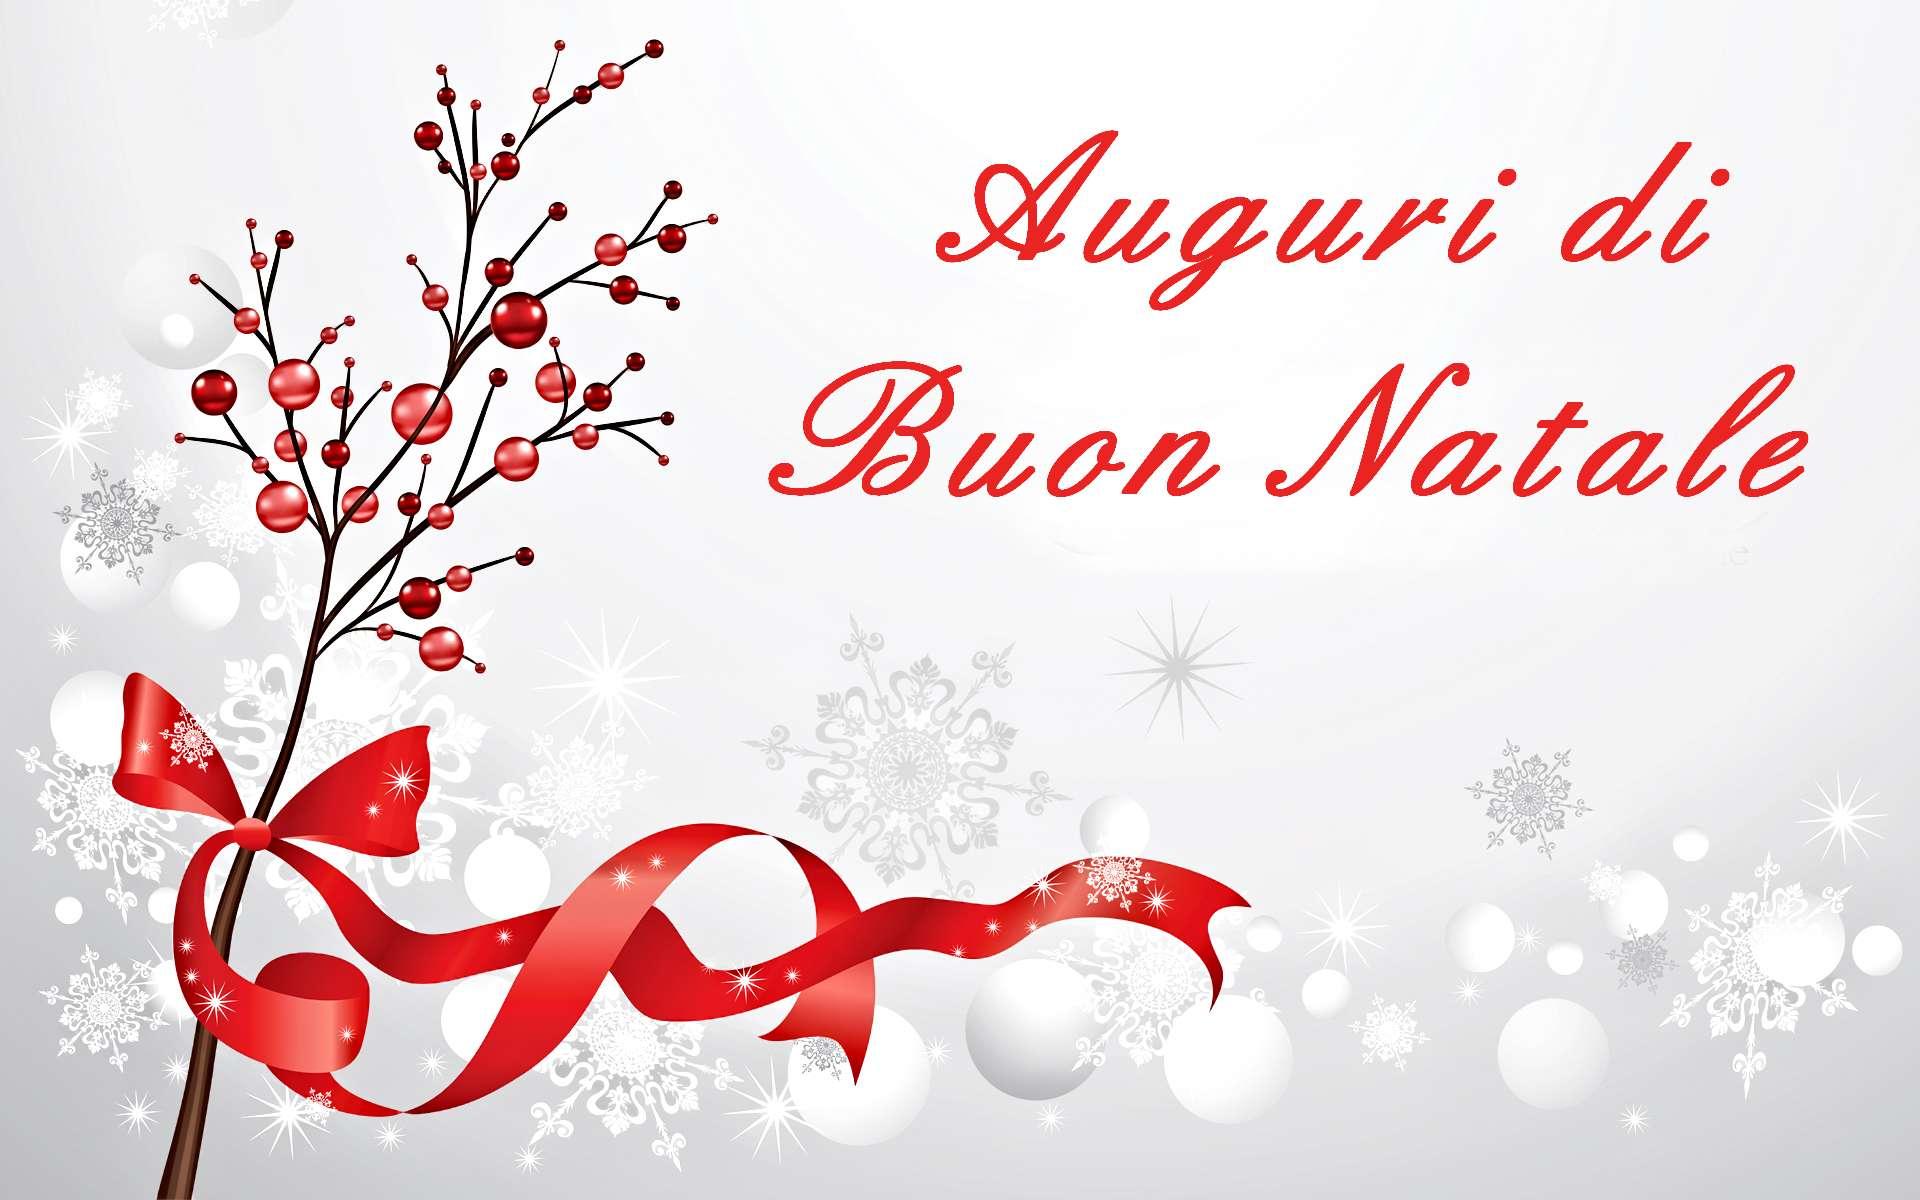 Auguri Di Buon Natale Felice Anno Nuovo.Auguri Di Buon Natale E Felice Anno Nuovo Cooperativa Acli